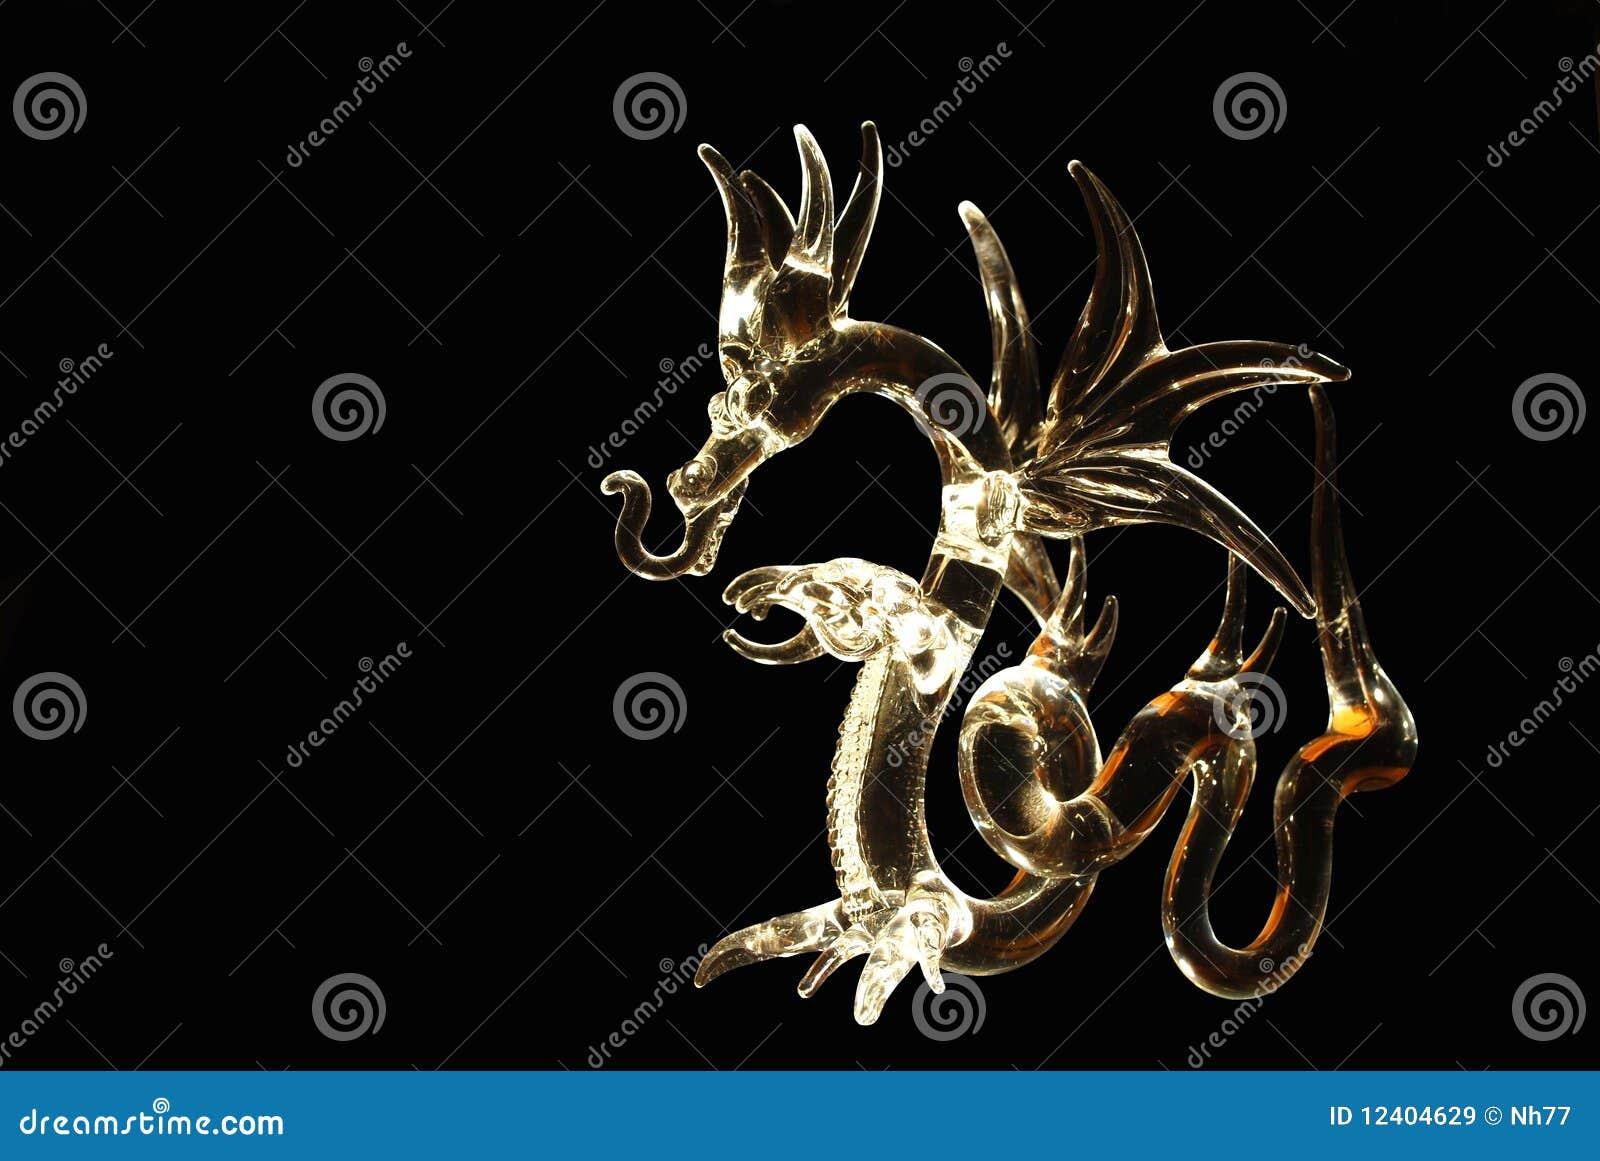 Dragão de vidro iluminado